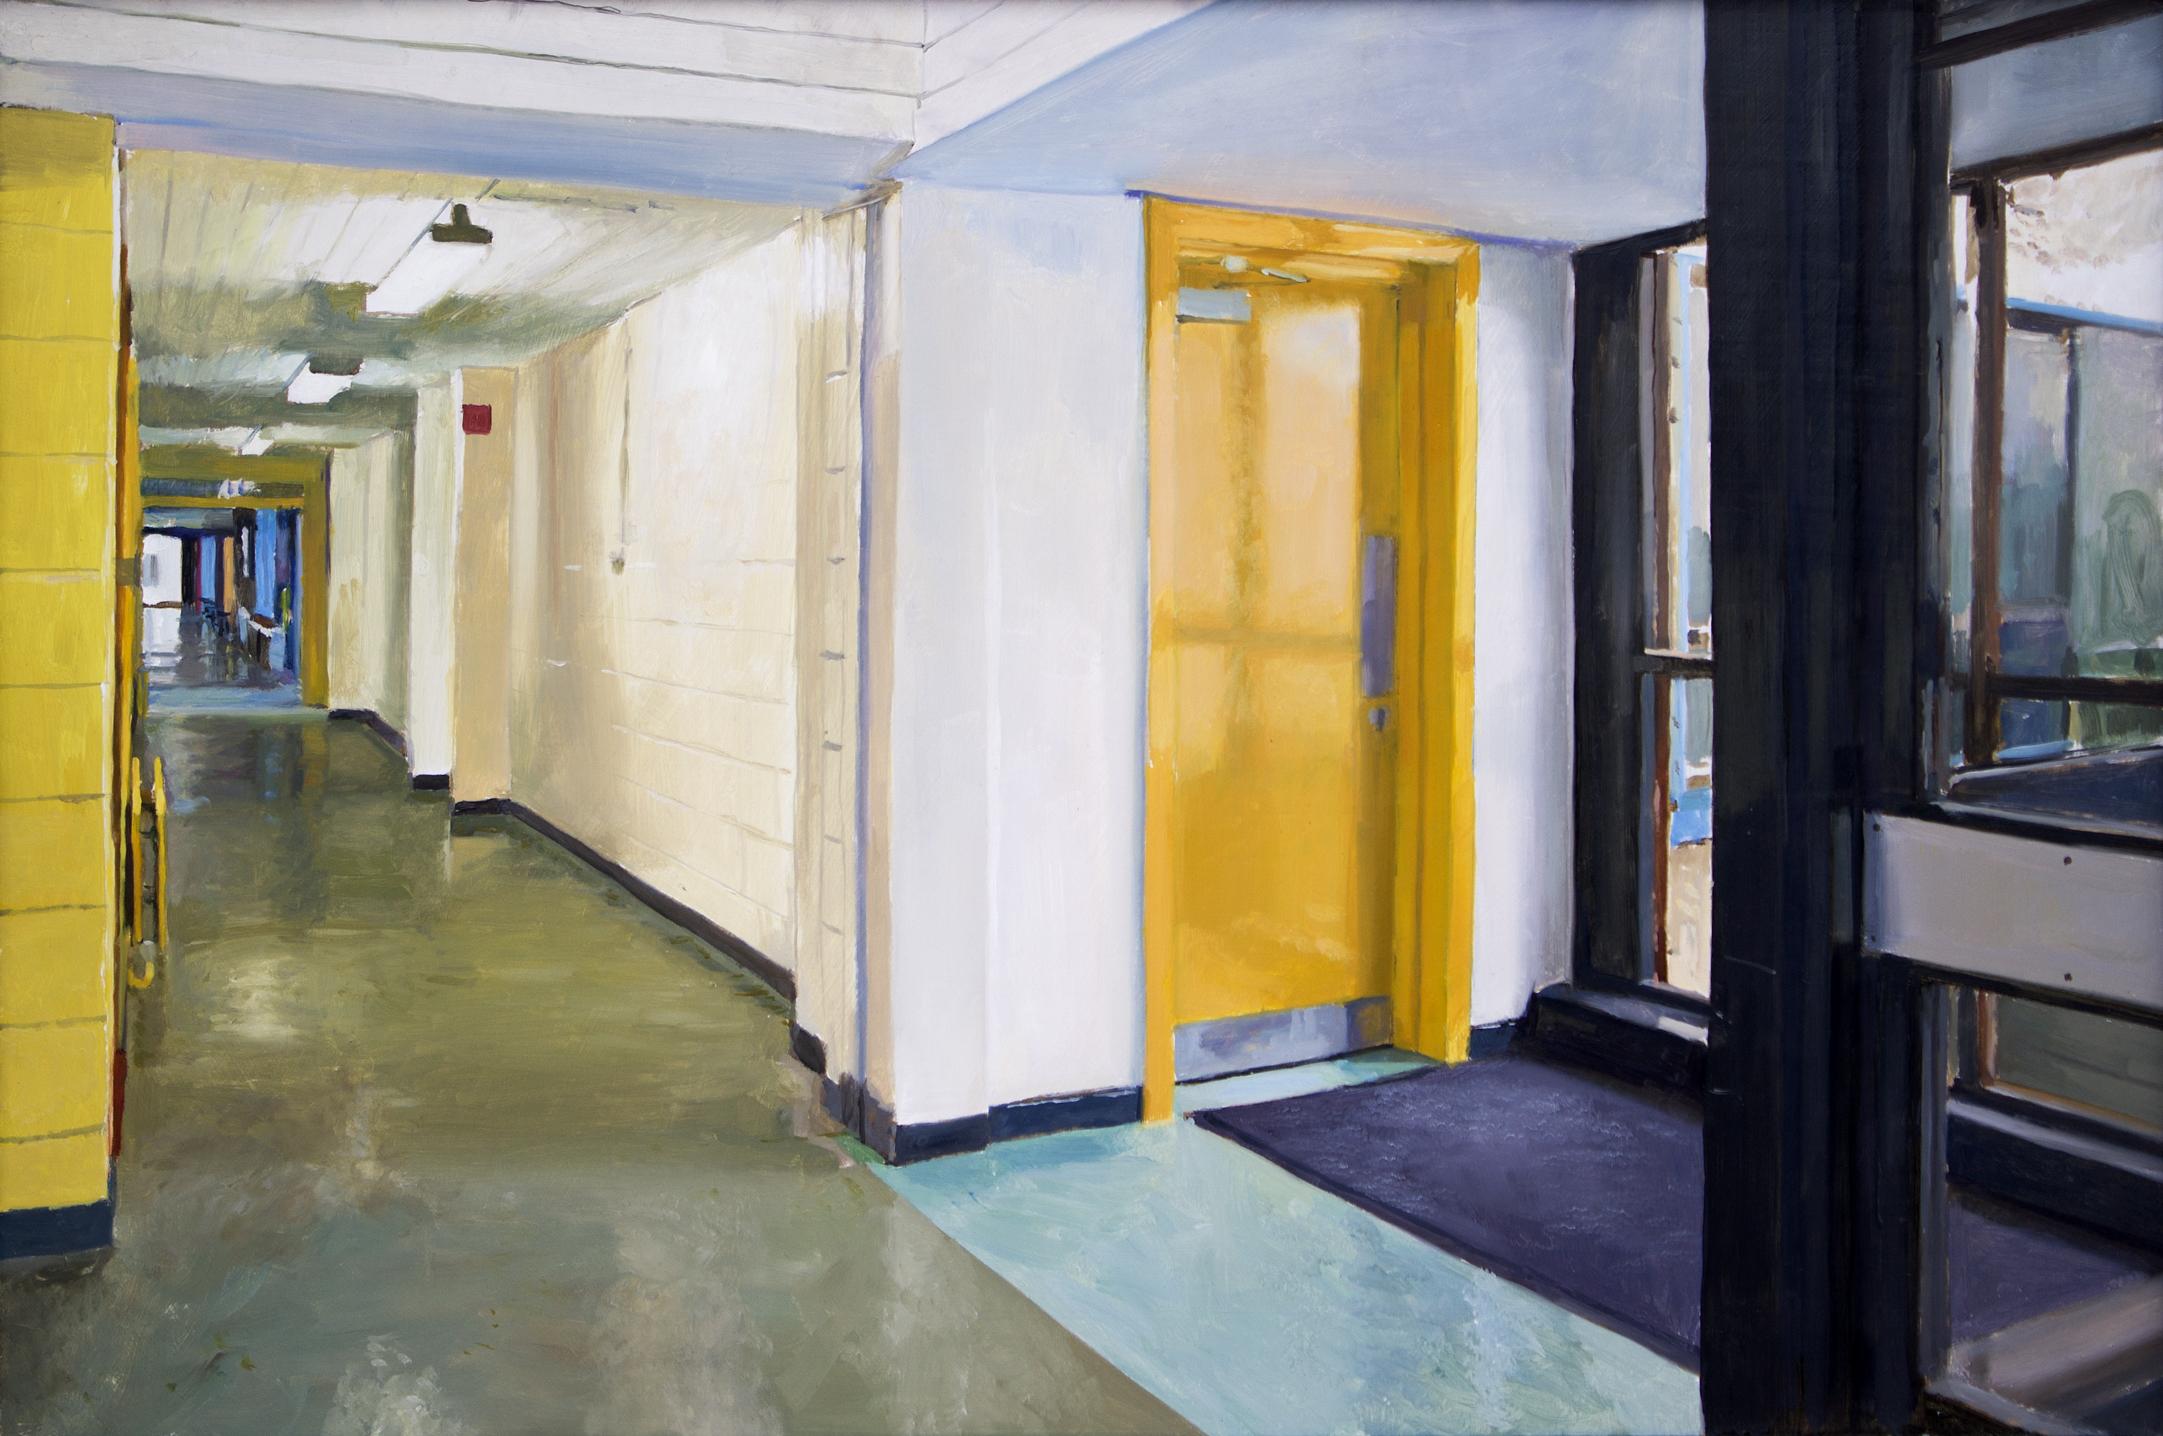 School Corridor Blaise Smith Rha Blaise Smith C 2019